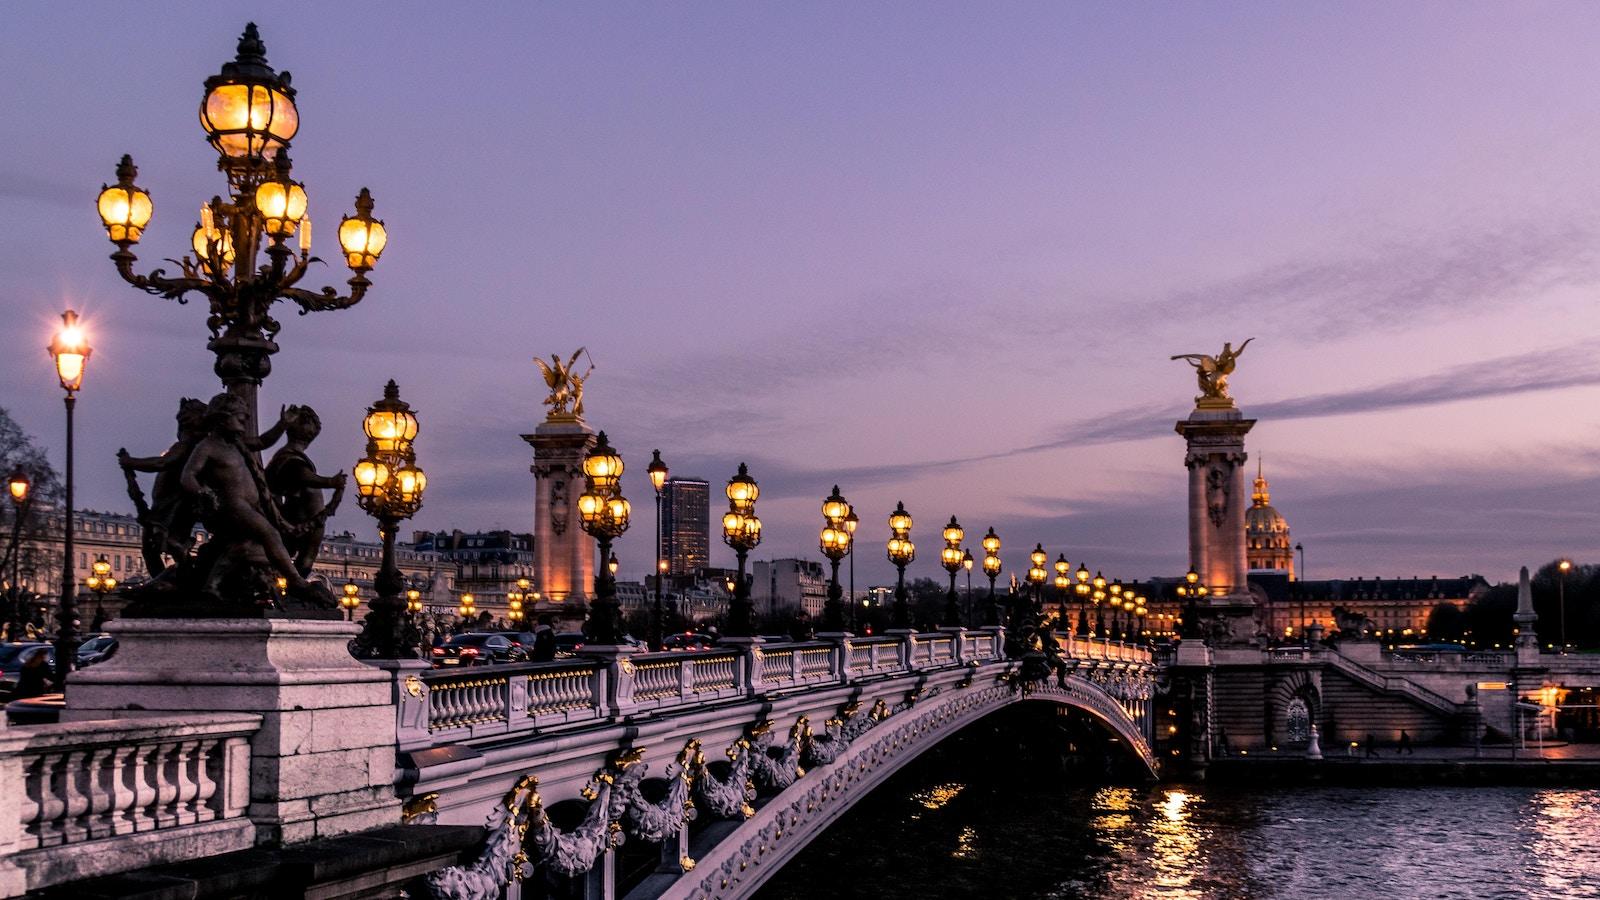 France calls for EU-wide crypto regulation